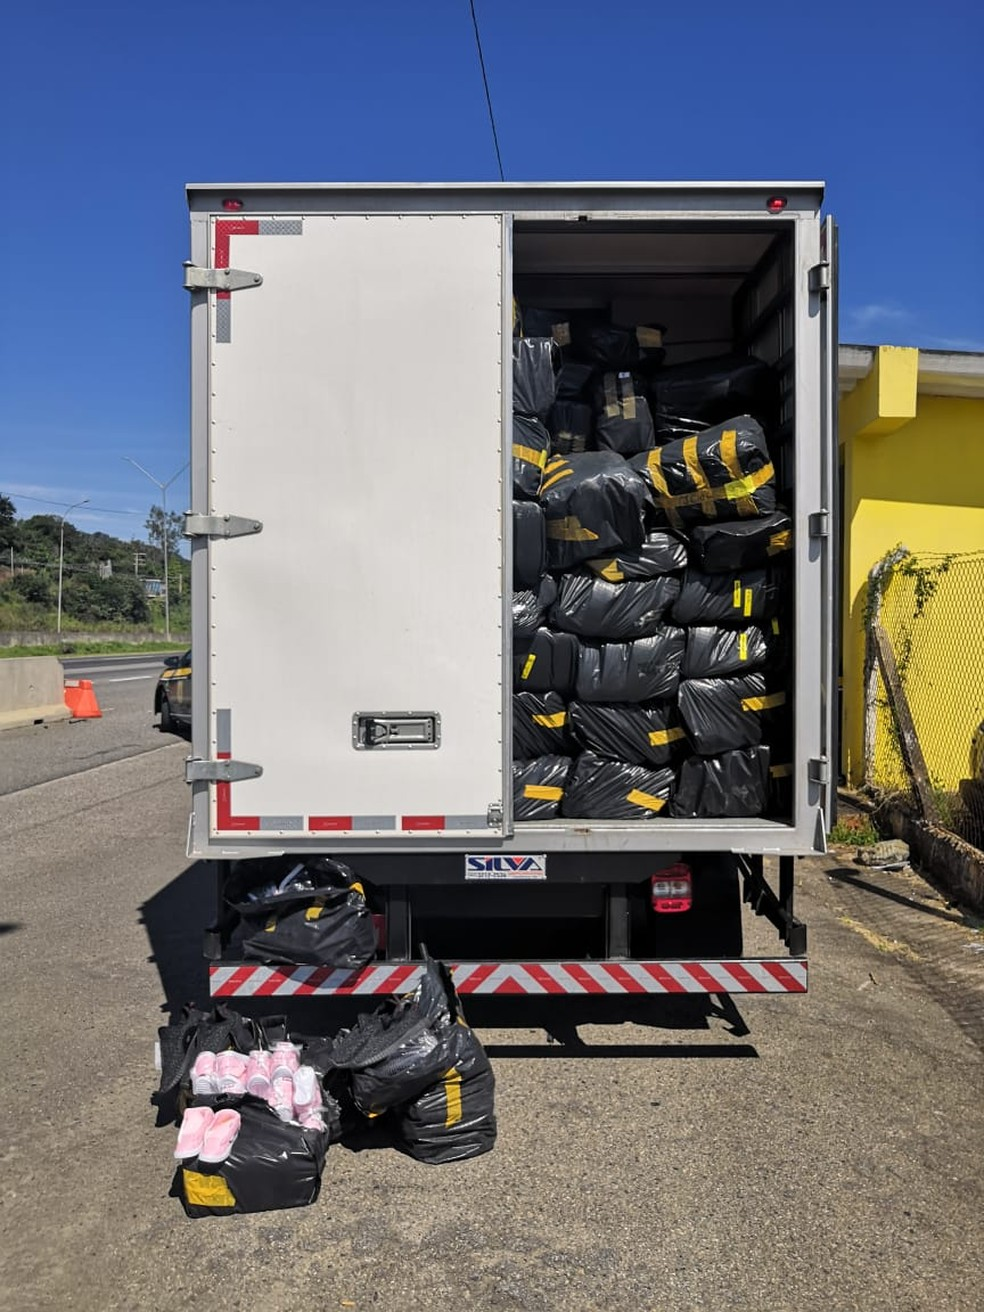 6974aaf4c ... Caminhão abarrotado de pares de calçados falsificados foi apreendido —  Foto: Lucas Rangel/TV